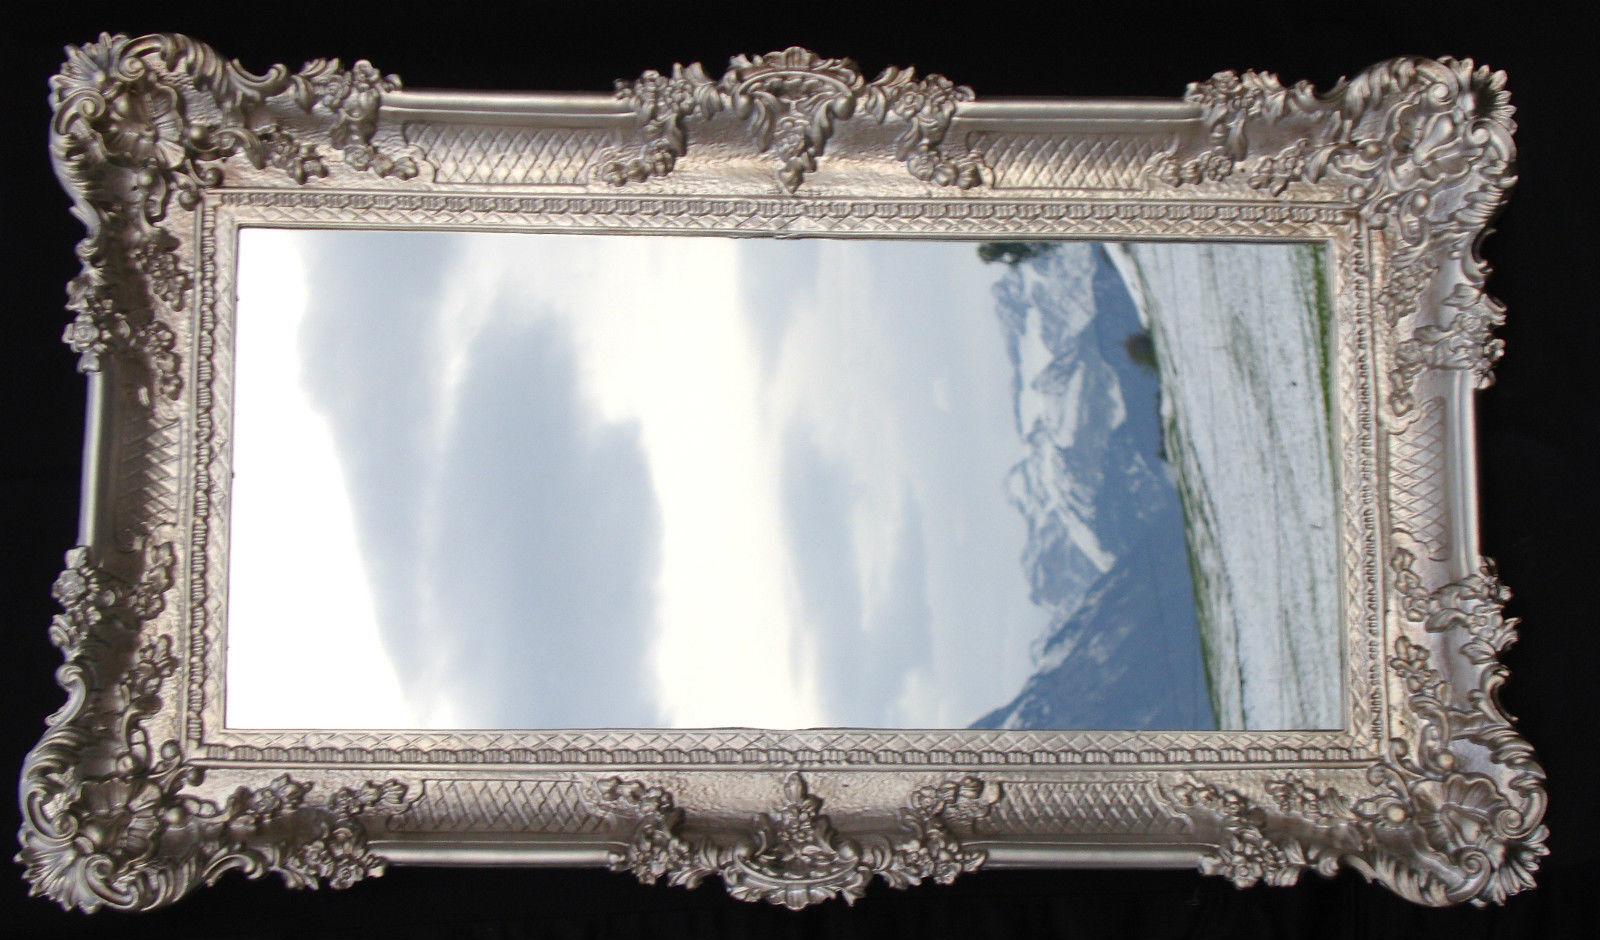 wandspiegel barock antik silber spiegel wand deko 97x57 gro flurspiegel ebay. Black Bedroom Furniture Sets. Home Design Ideas